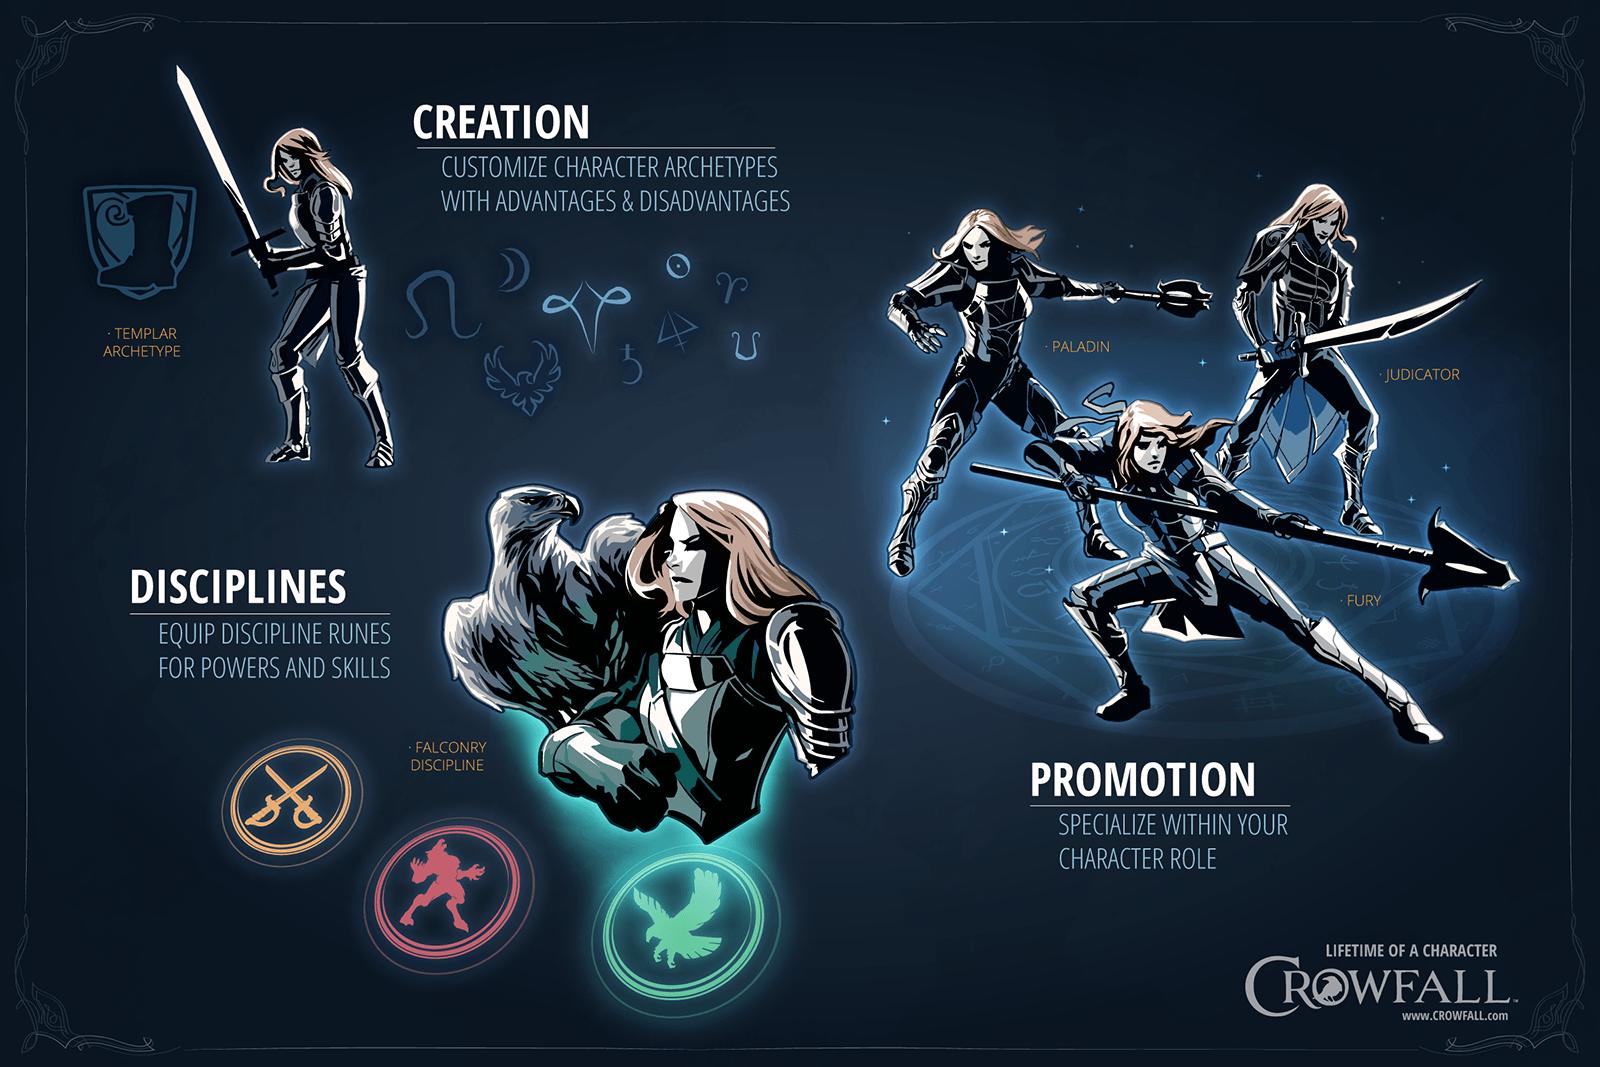 Charakterentwicklung bei Crowfall: Stärken, Schwächen, Beförderungen